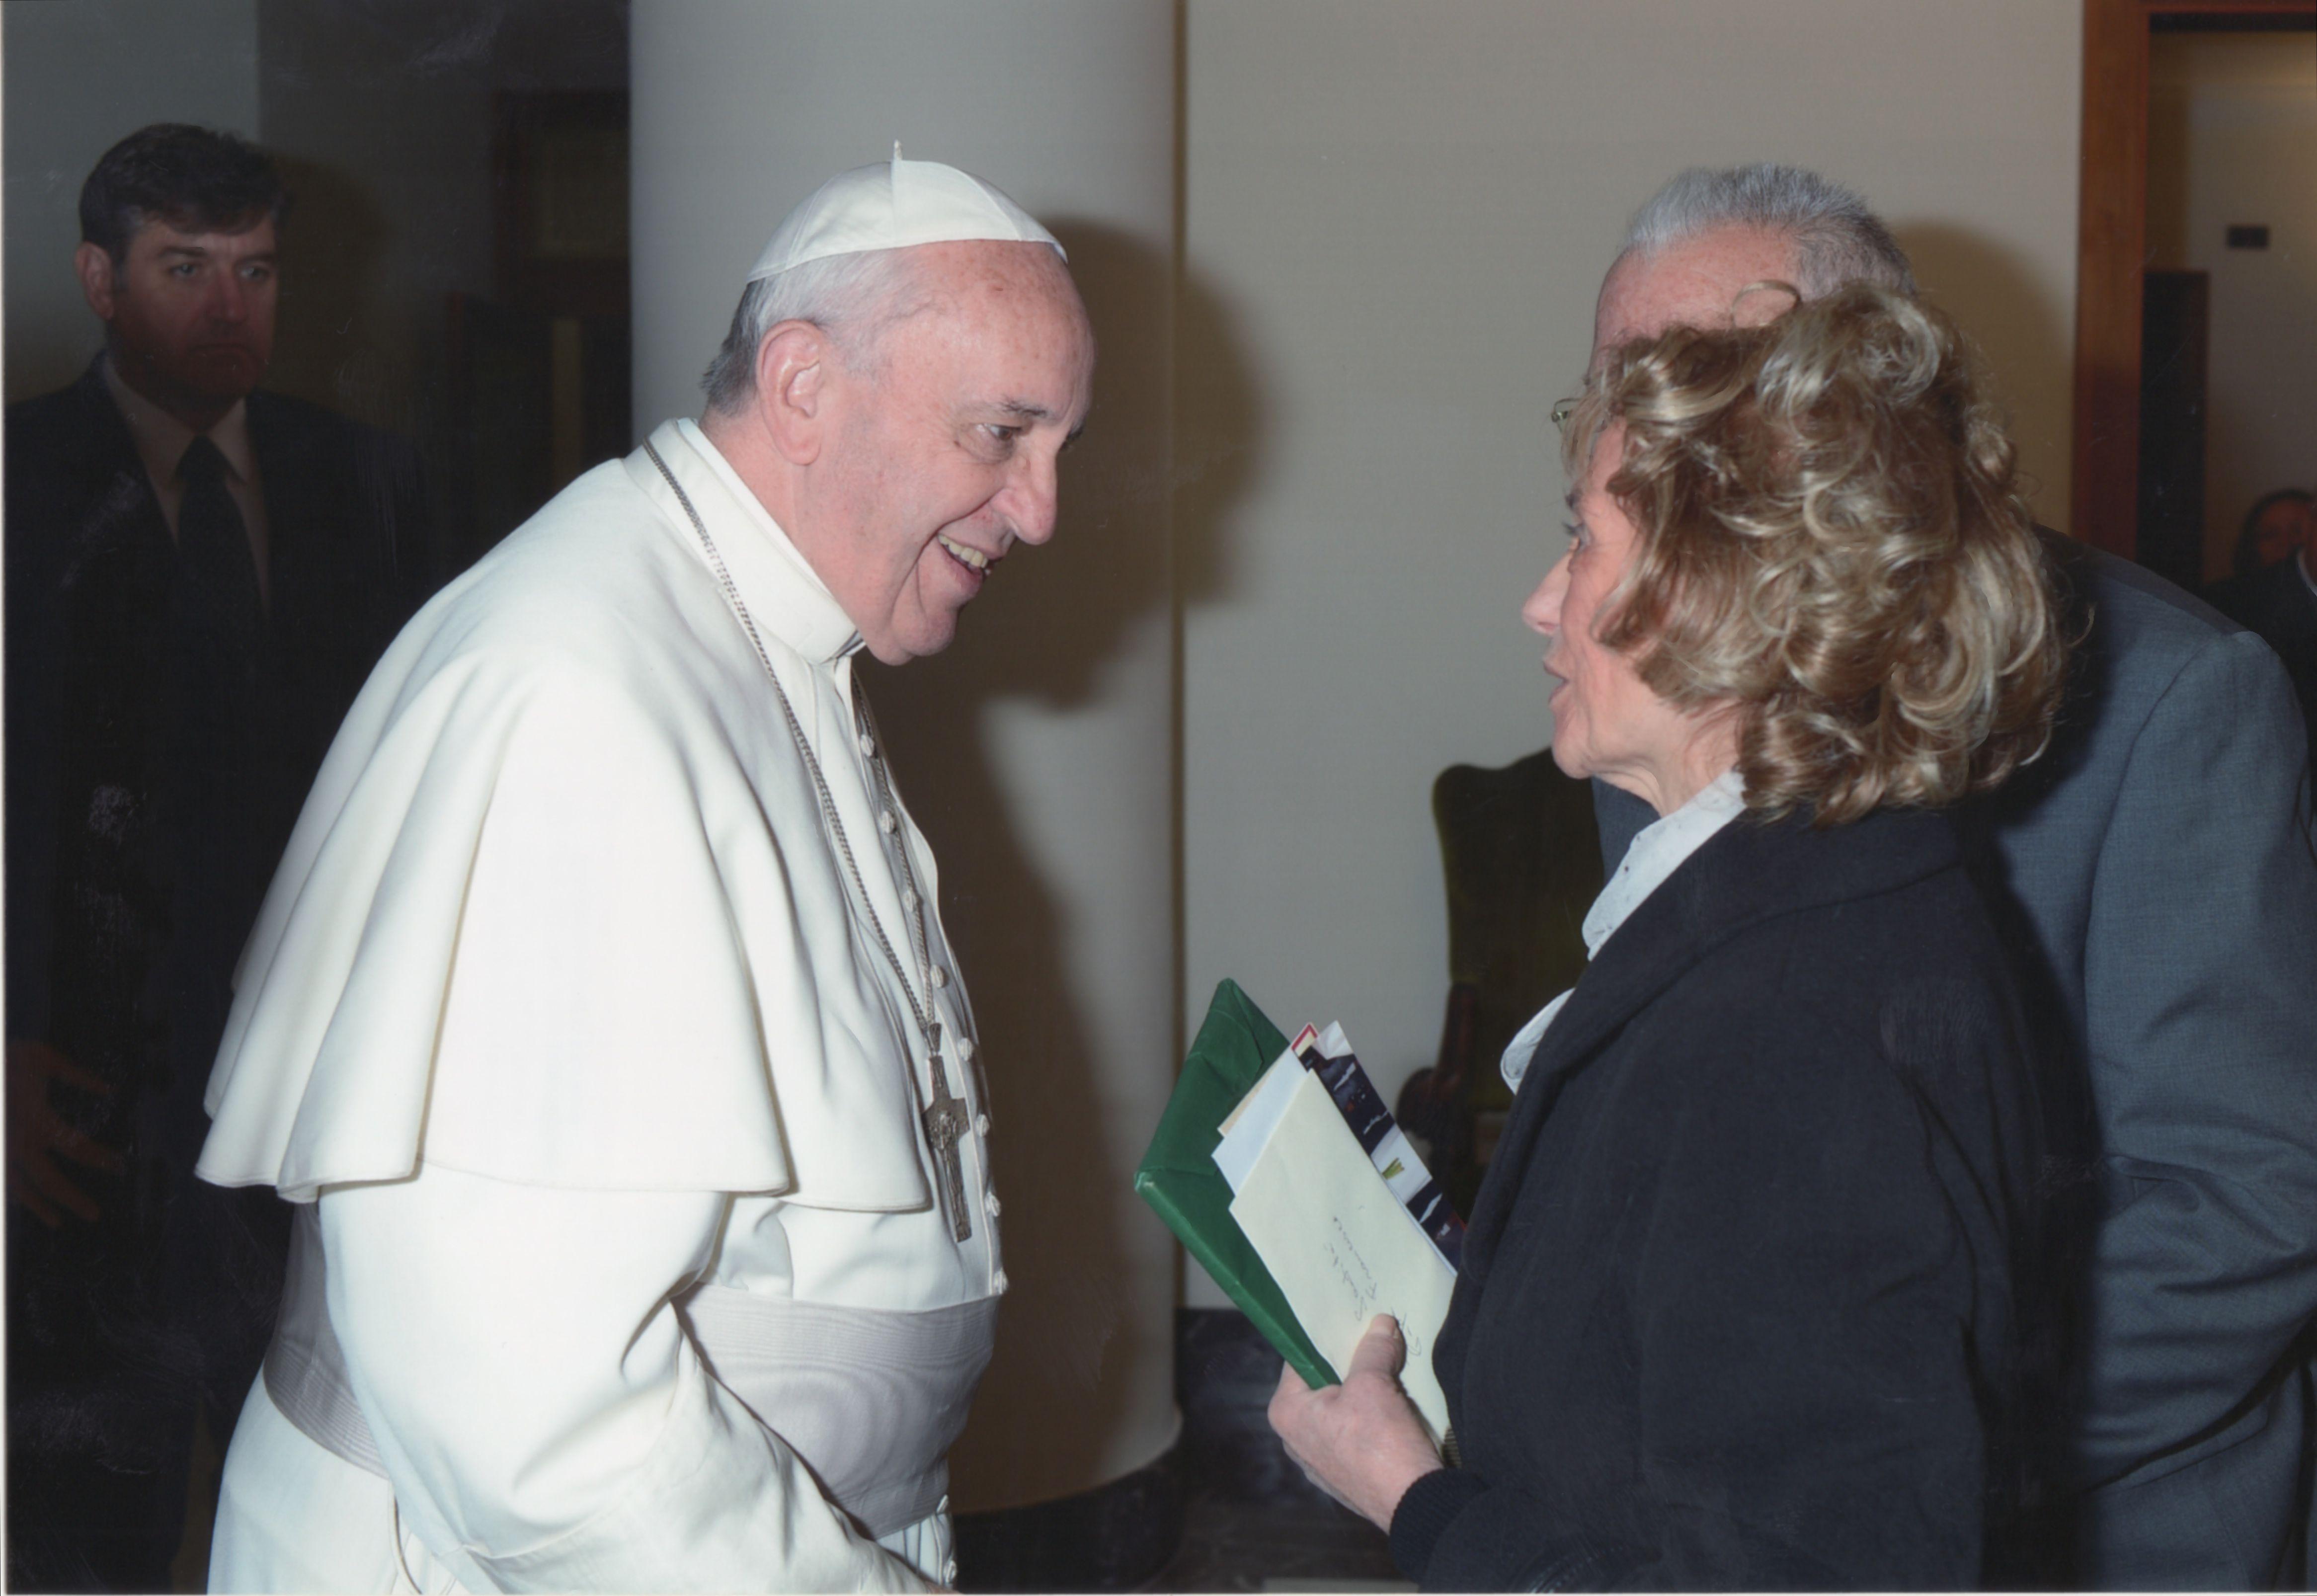 Anniversario Matrimonio Vaticano.Domus Santa Marta Citta Del Vaticano Roma 29 11 2013 In